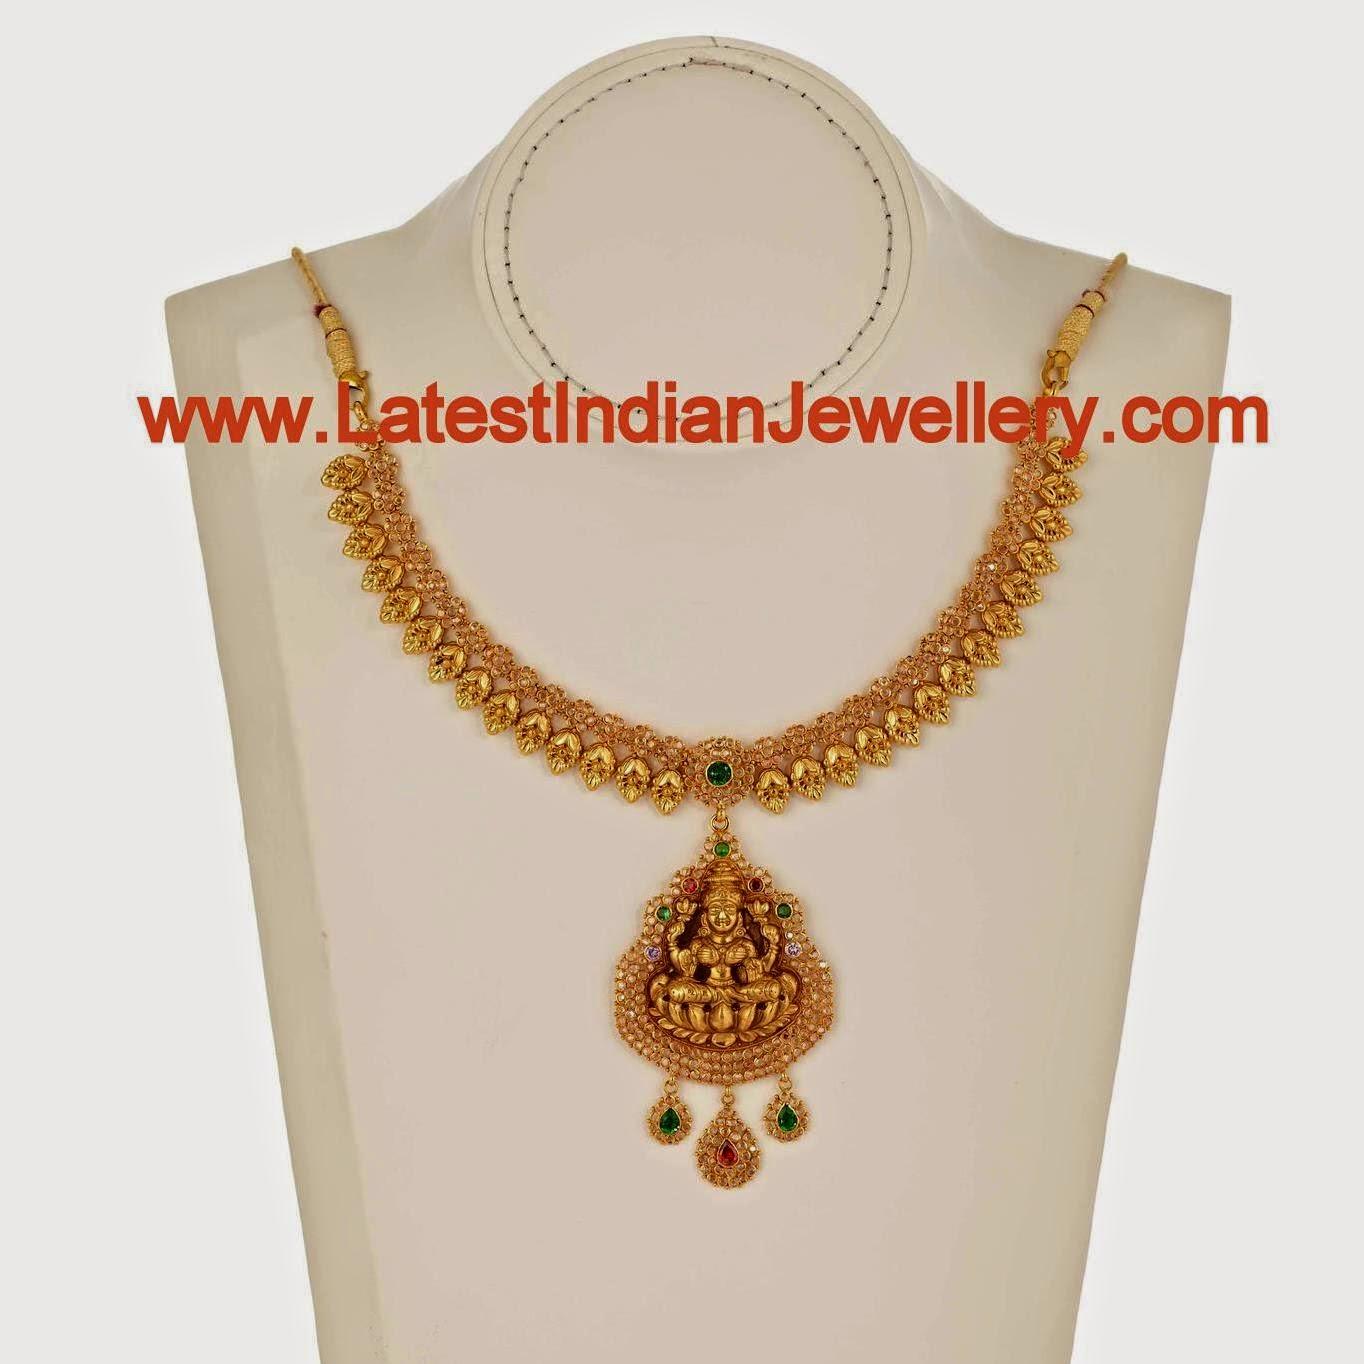 Simple Design Temple Jewellery Necklace